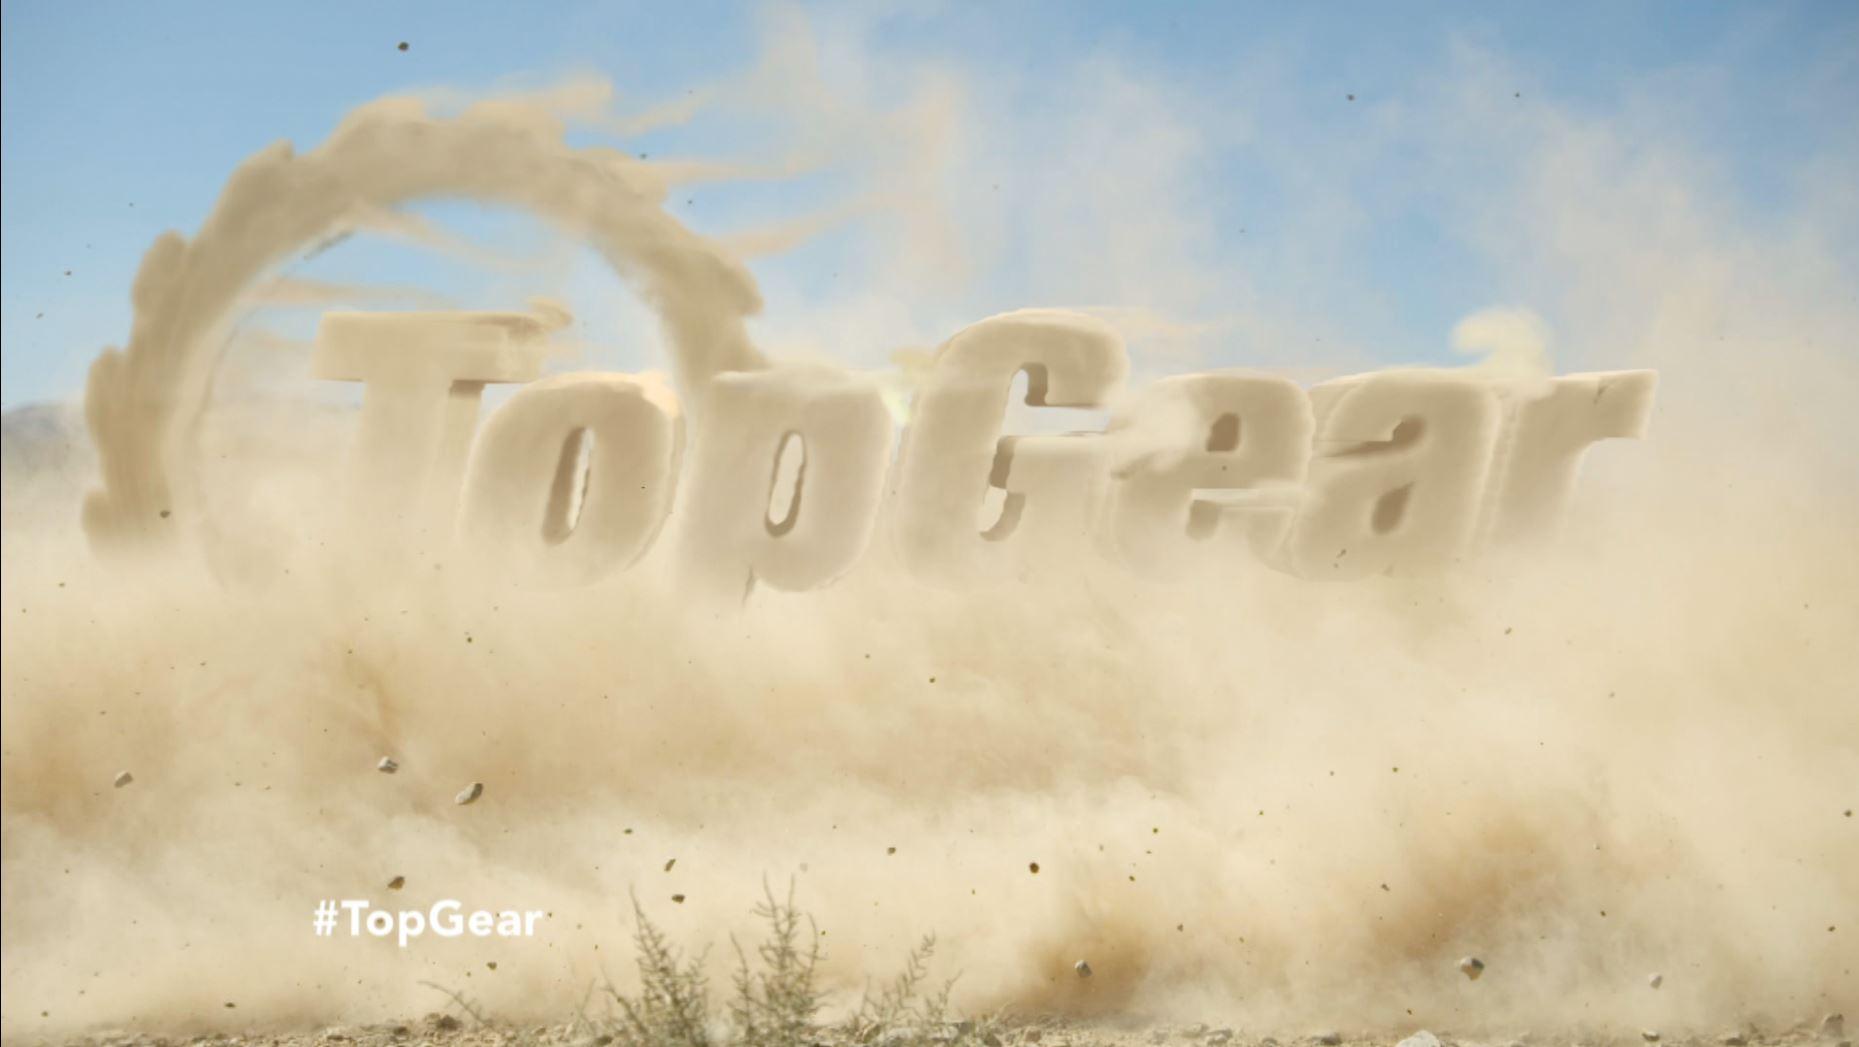 TopGear Promo